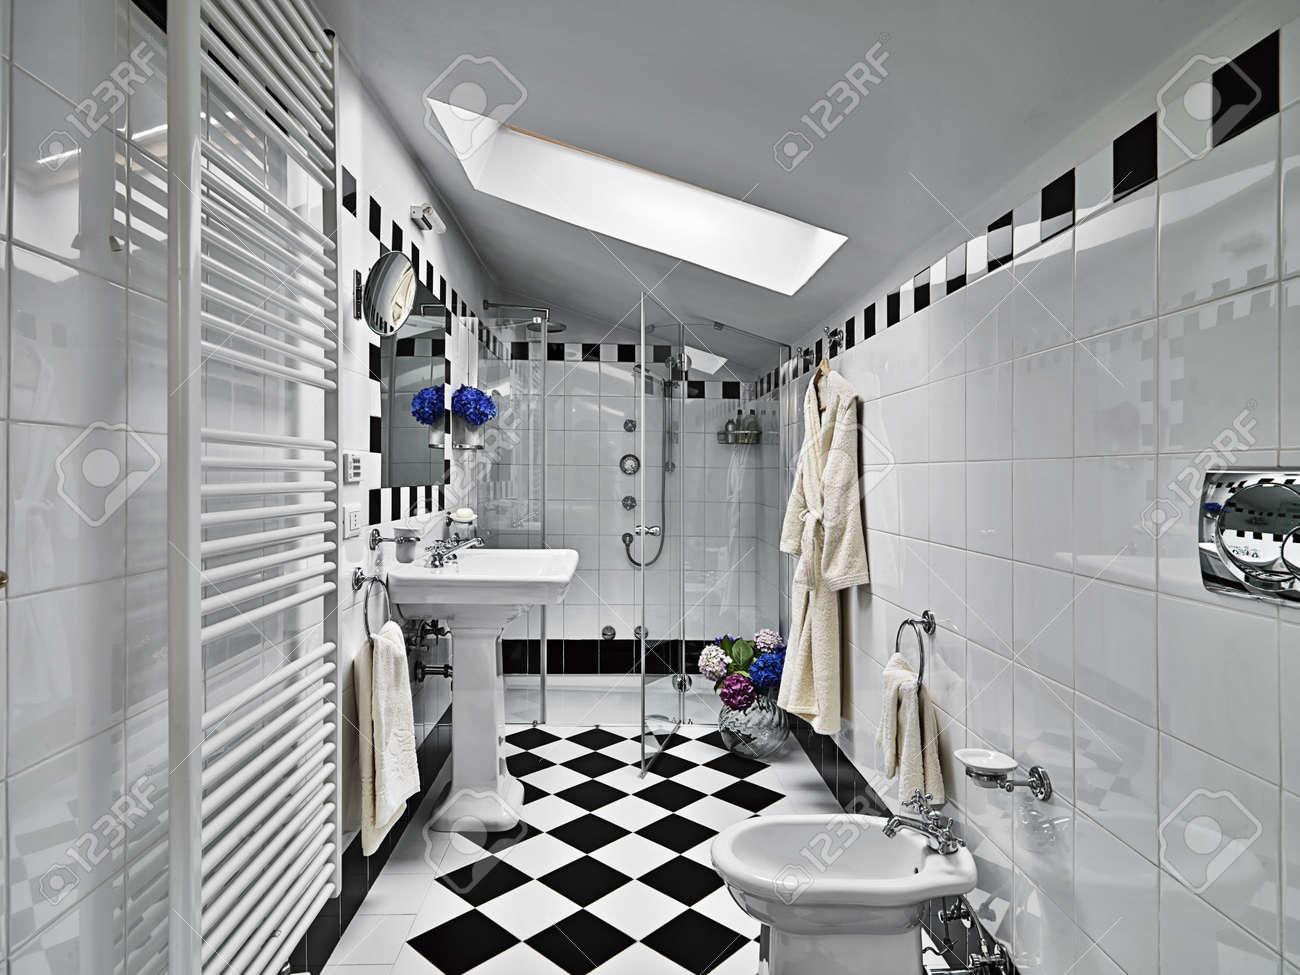 Salle de bains moderne en noir et blanc sur mansarde banque d ...